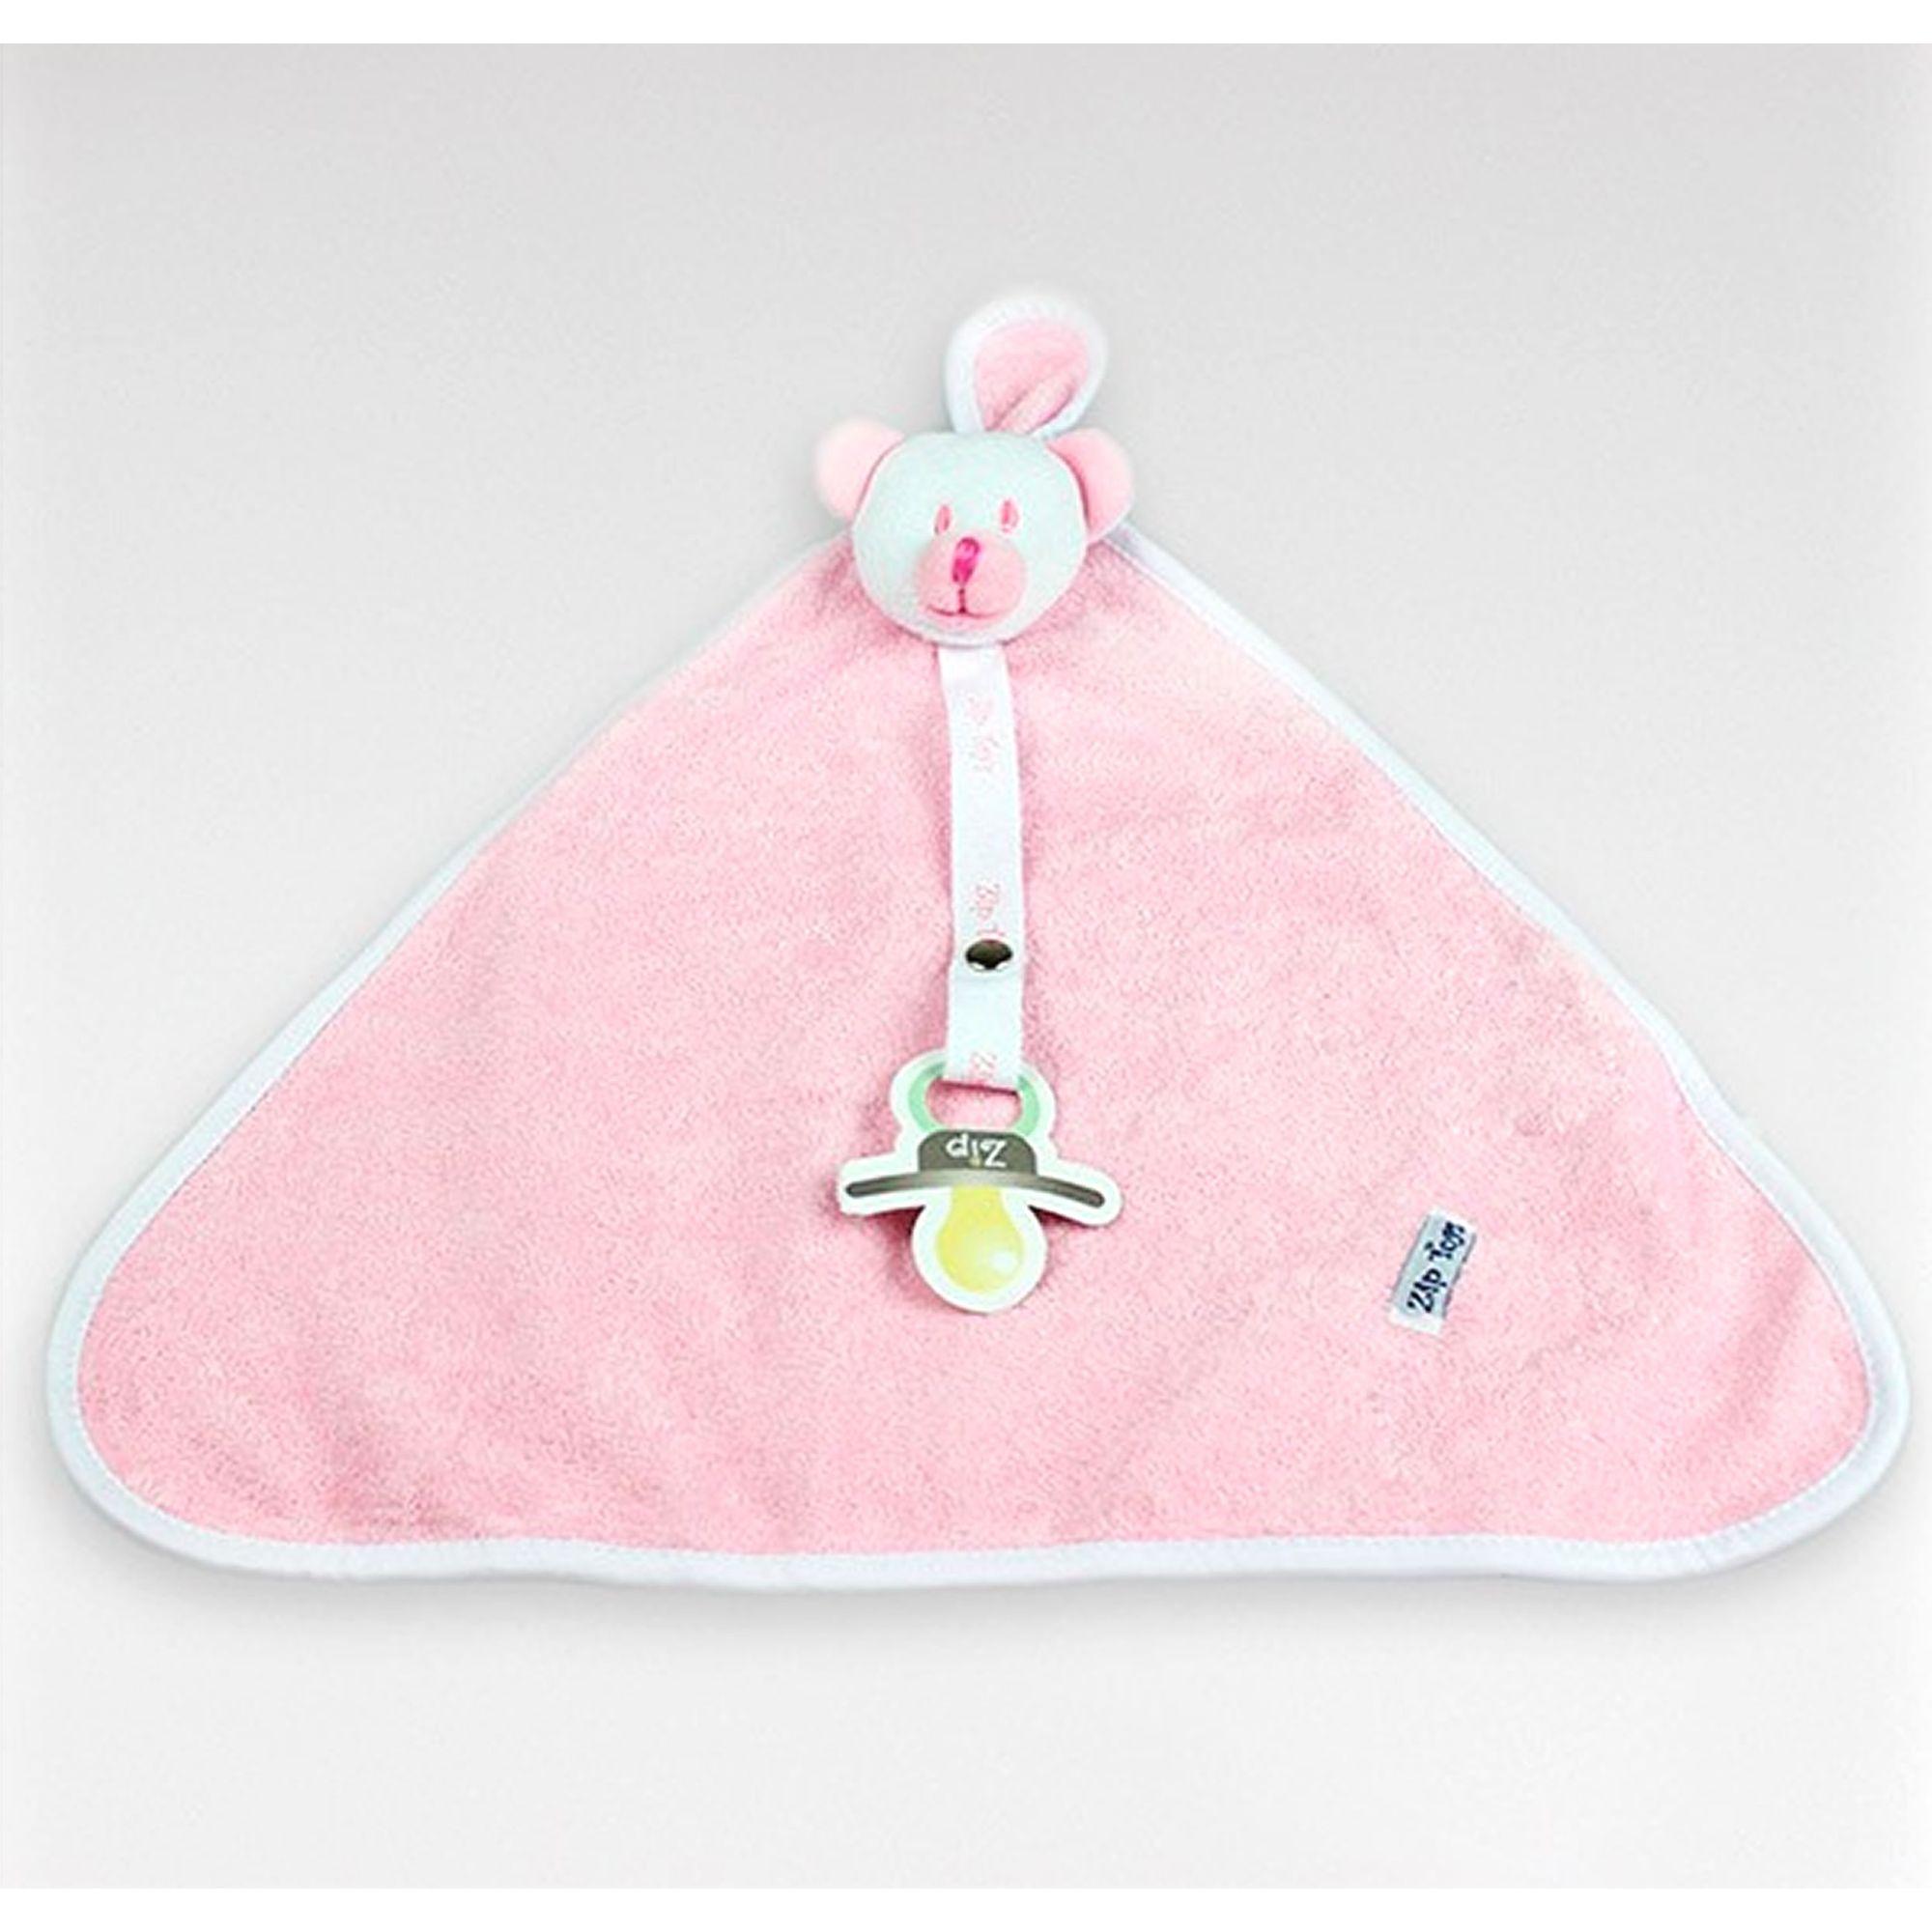 naninha-atoalhado-urso-rosa-zip-toys